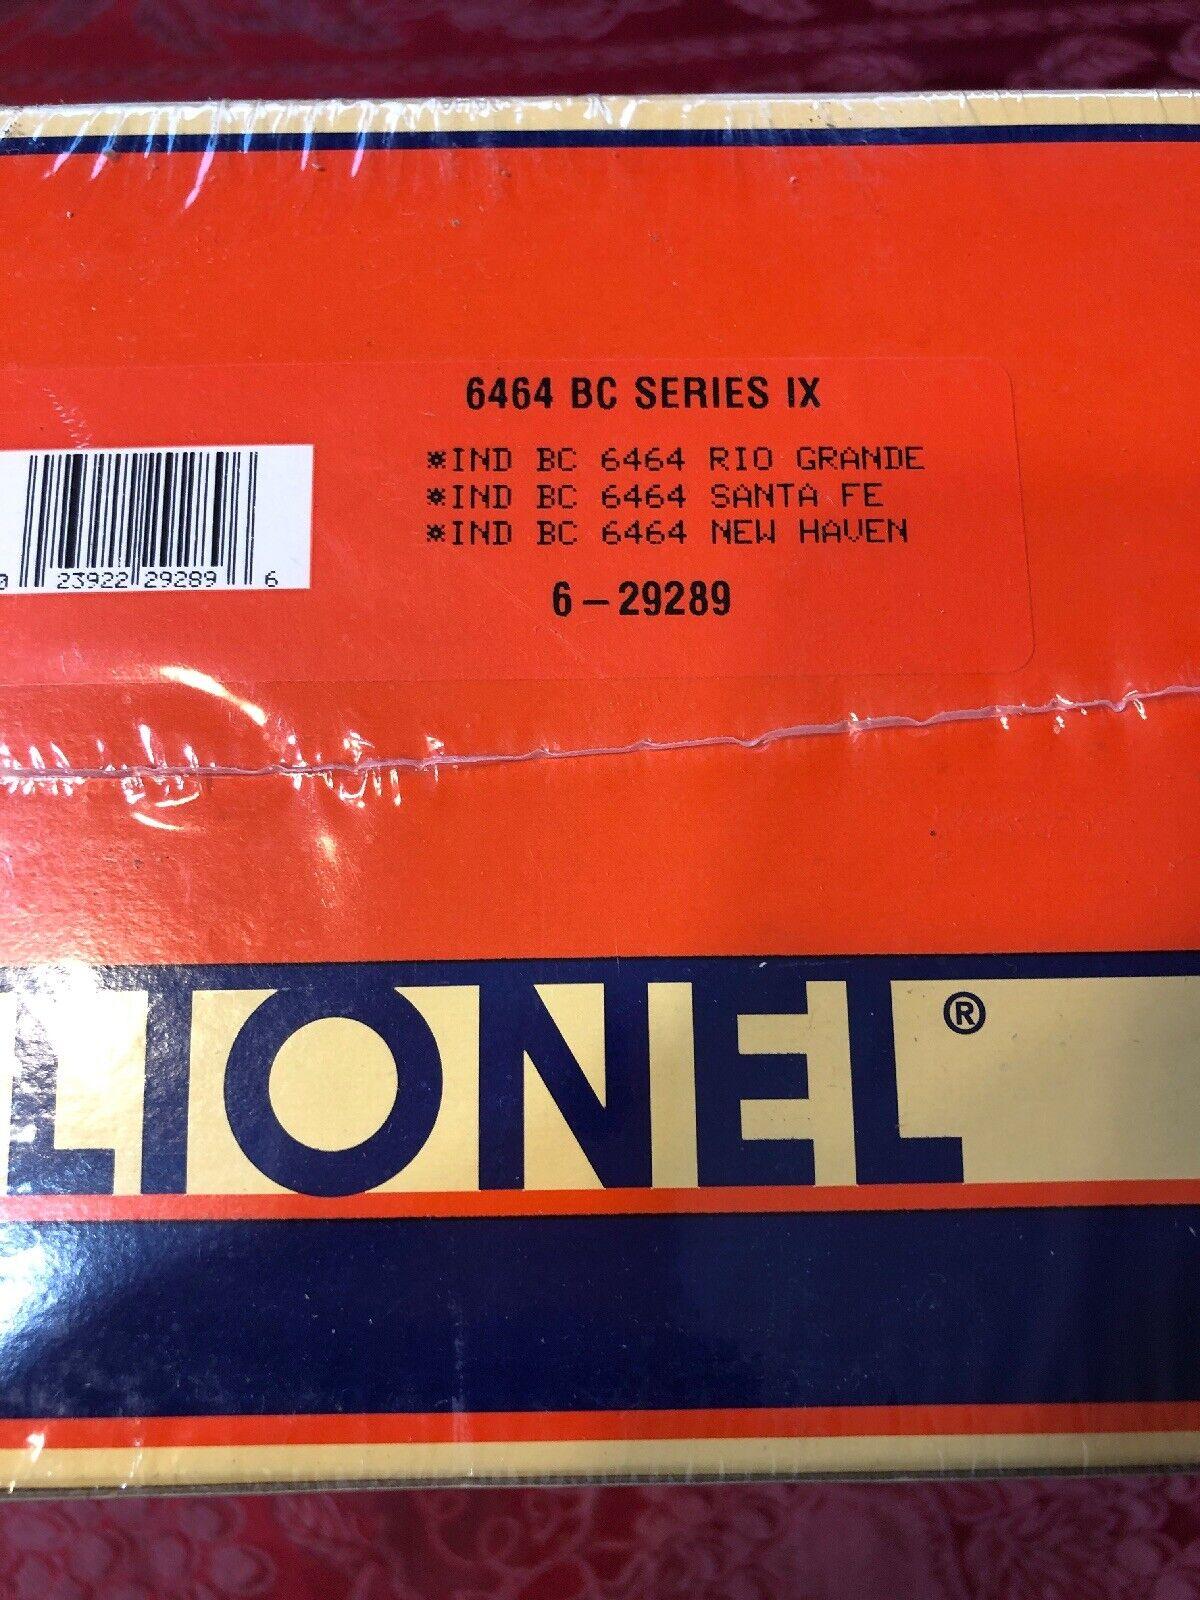 T2 Lionel  29289 6464 Box Car Series IX Rio Grande Sabra Fe New Heaven New